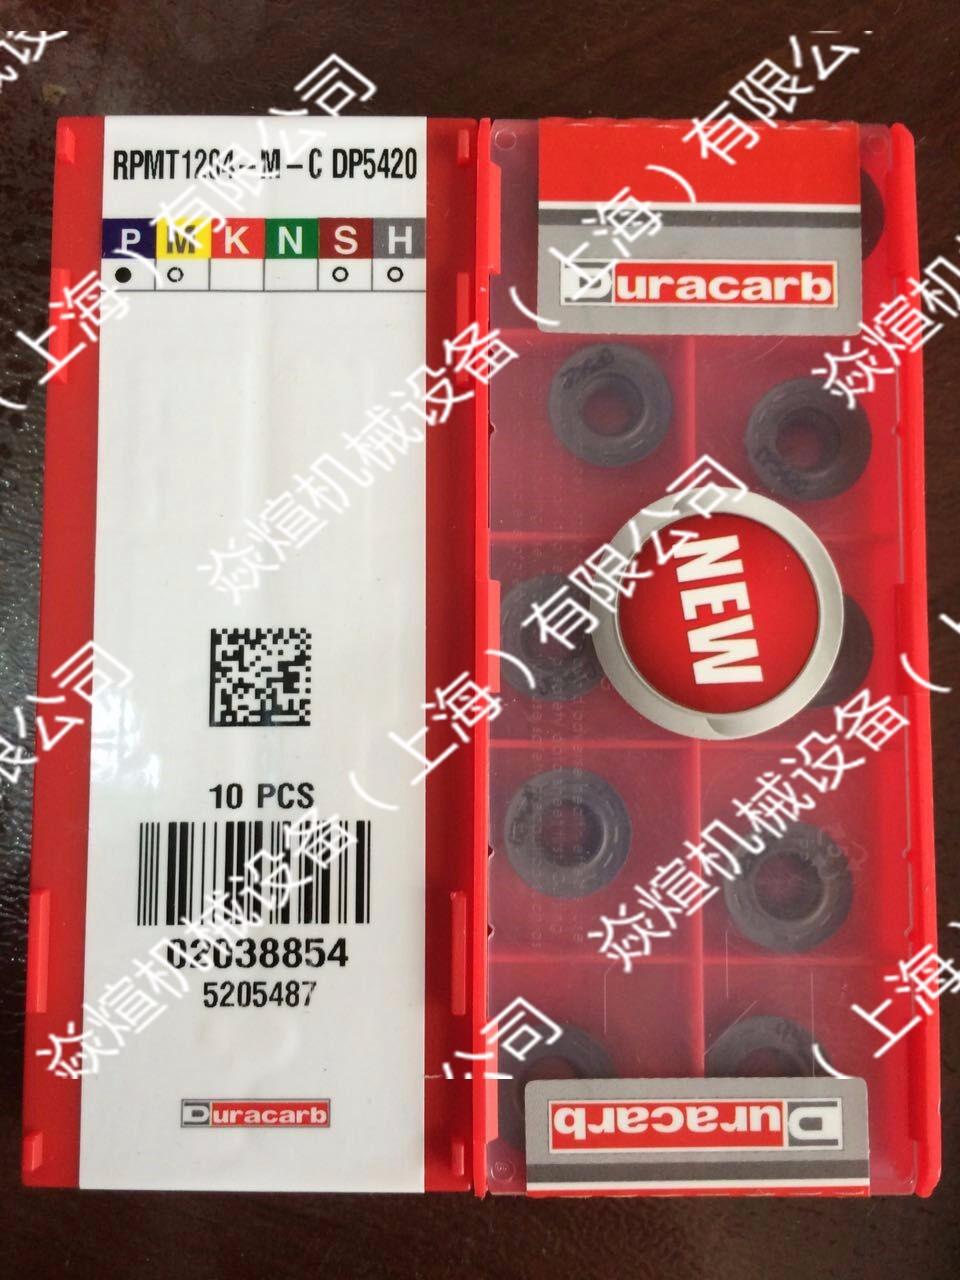 焱煊机械设备(上海)有限公司